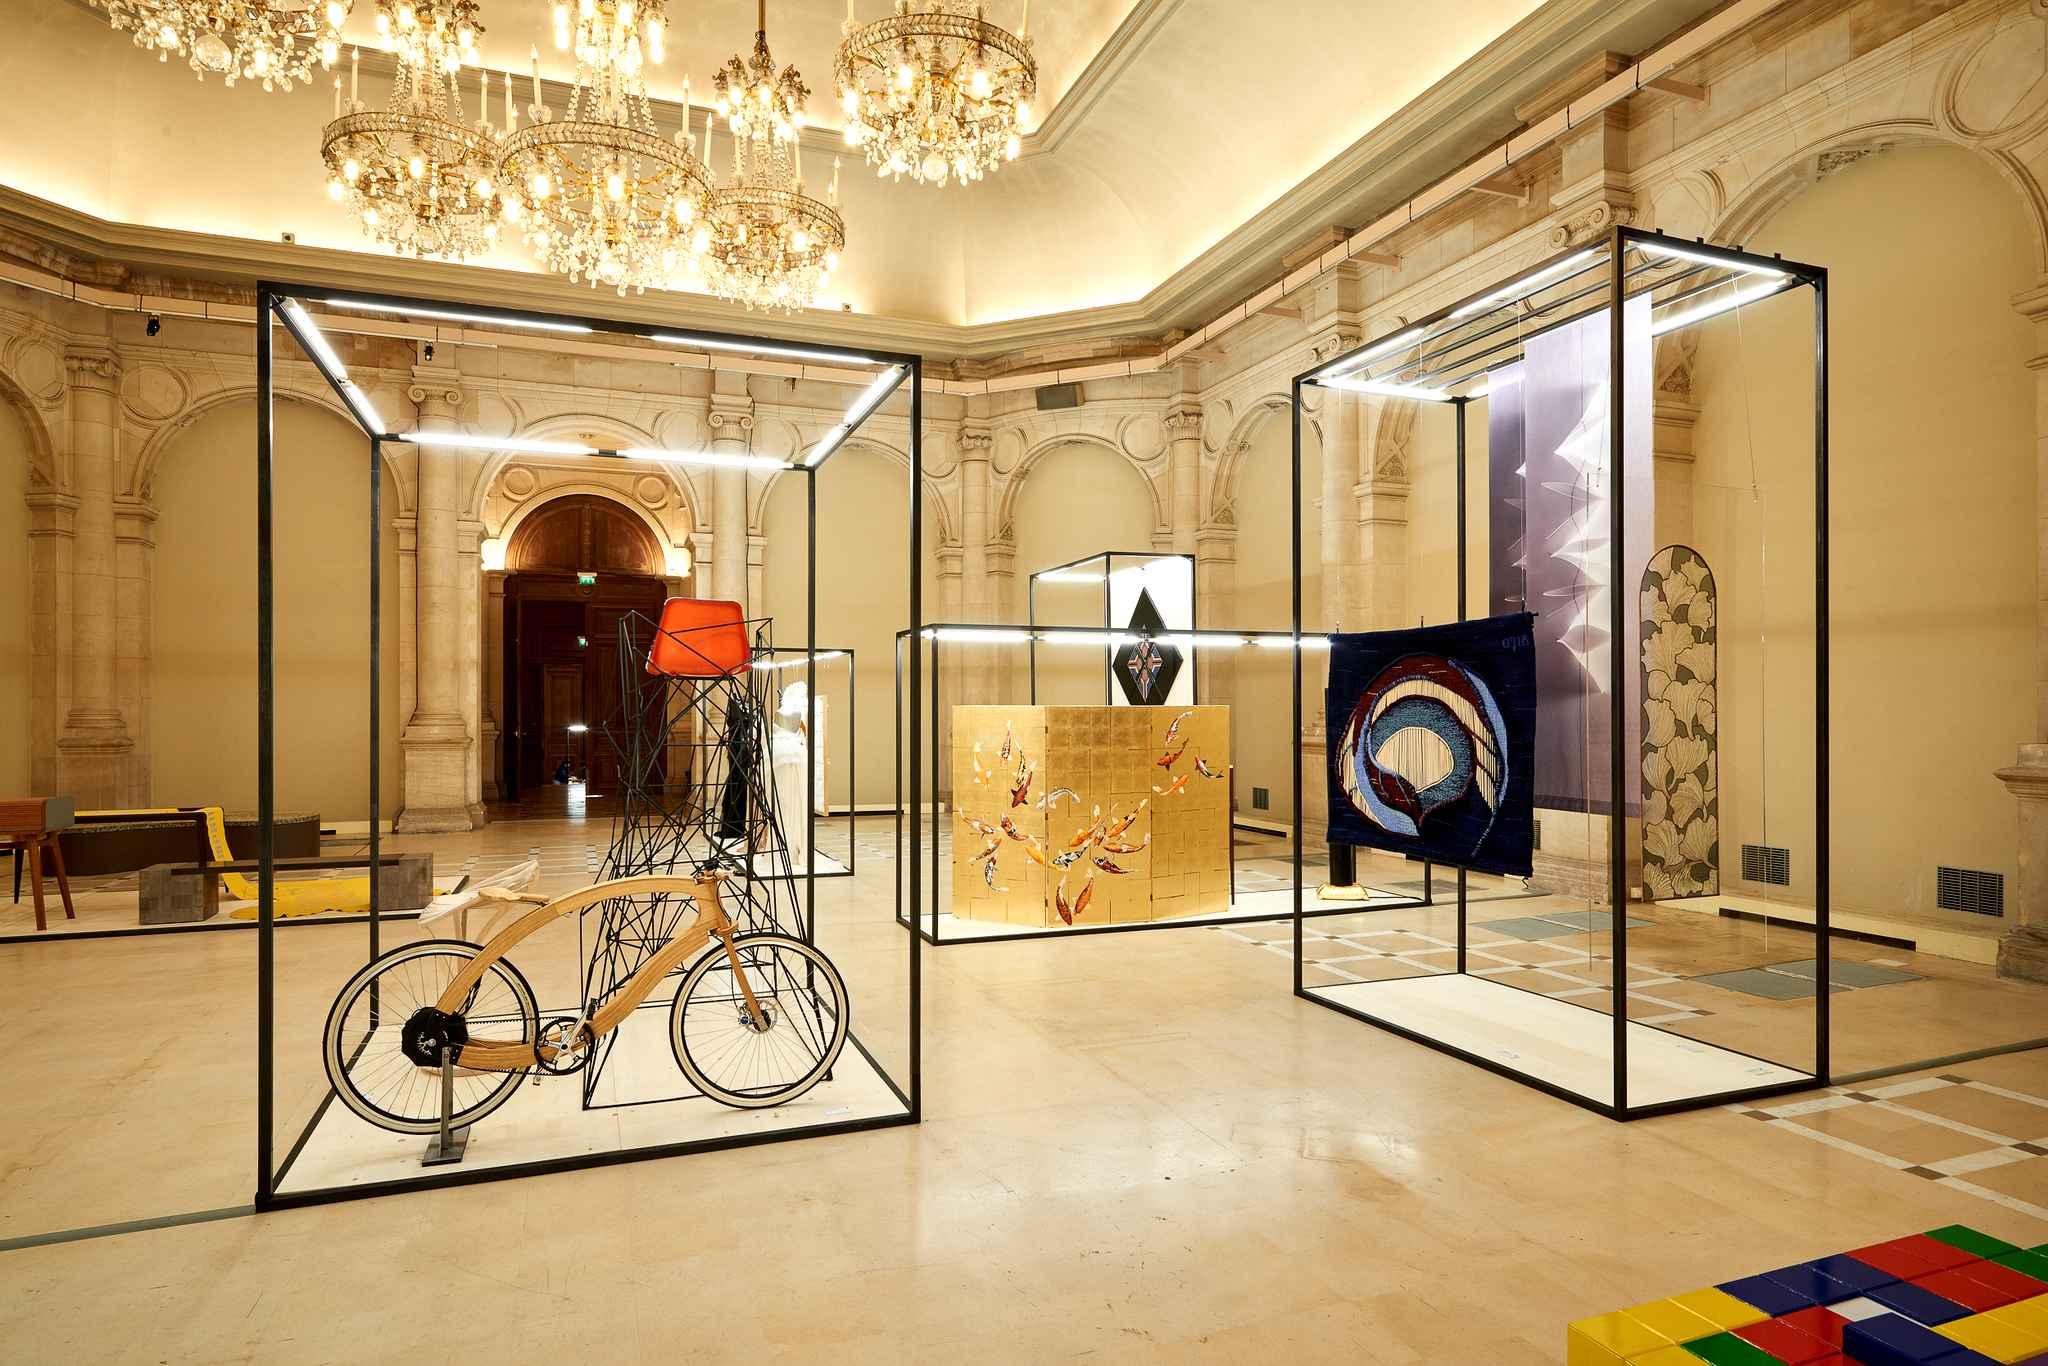 Le design s'expose à l'Hôtel de Ville de Paris — 20minutes.fr